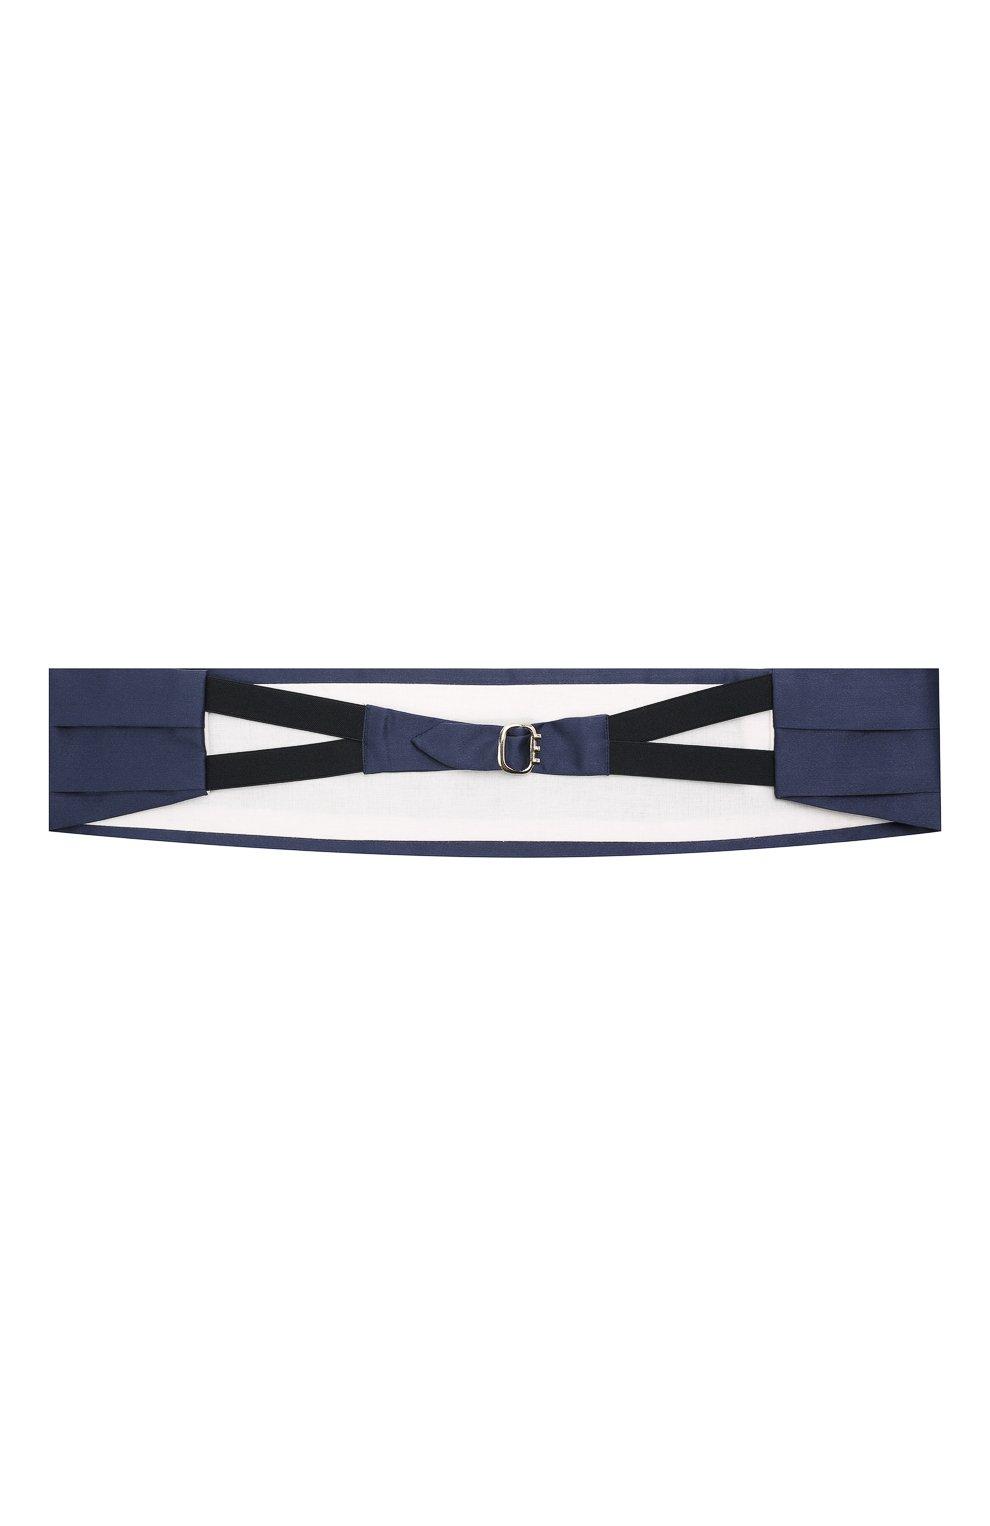 Мужской комплект из галстука-бабочки и камербанда CANALI темно-синего цвета, арт. 55/HJ01047 | Фото 6